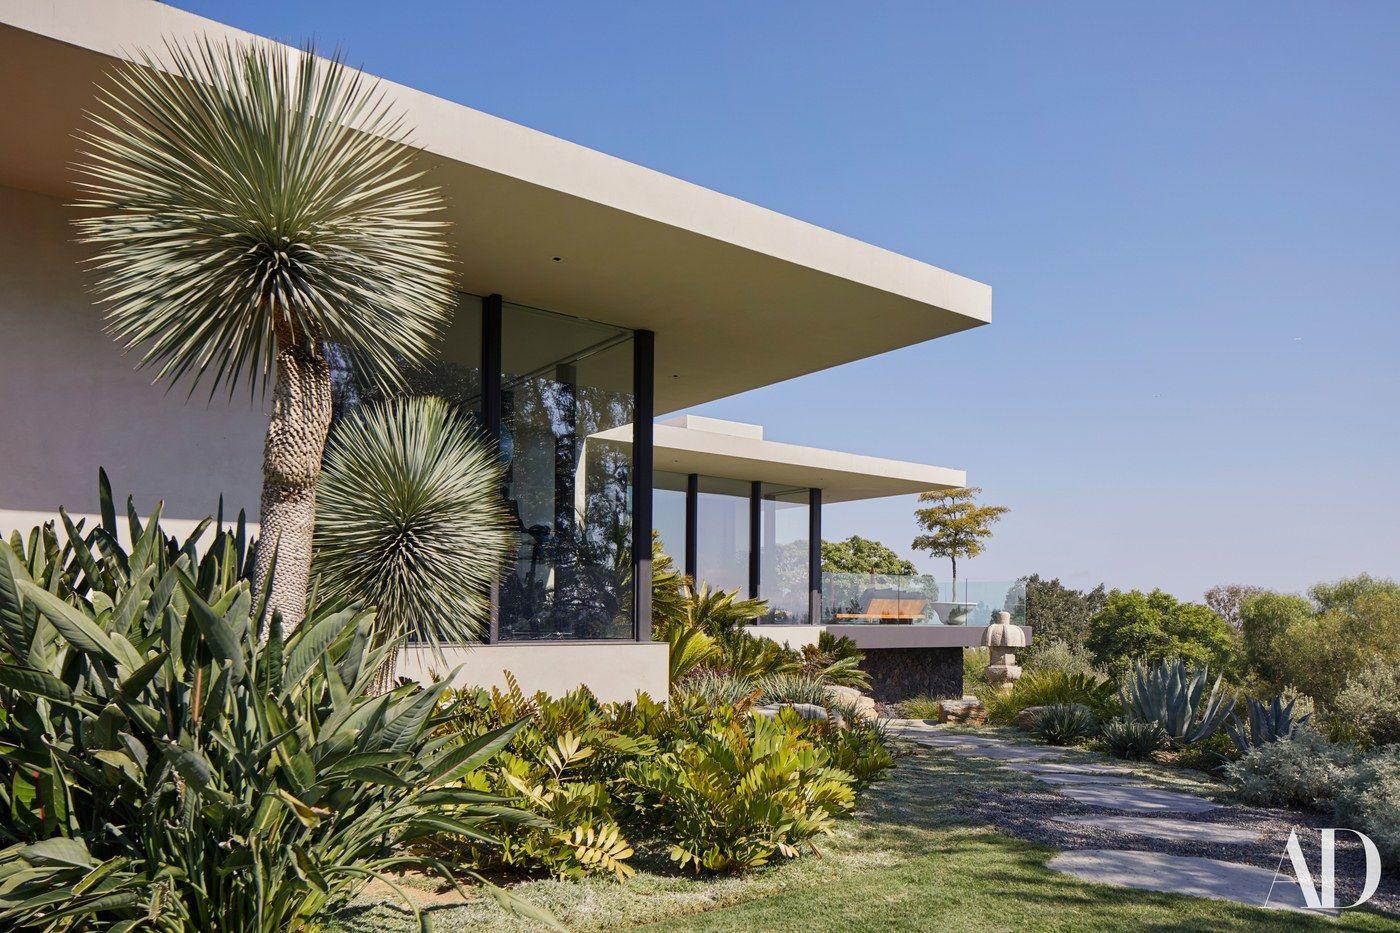 Оце так хороми: Дженніфер Еністон показала свій розкішний дім - фото 368832